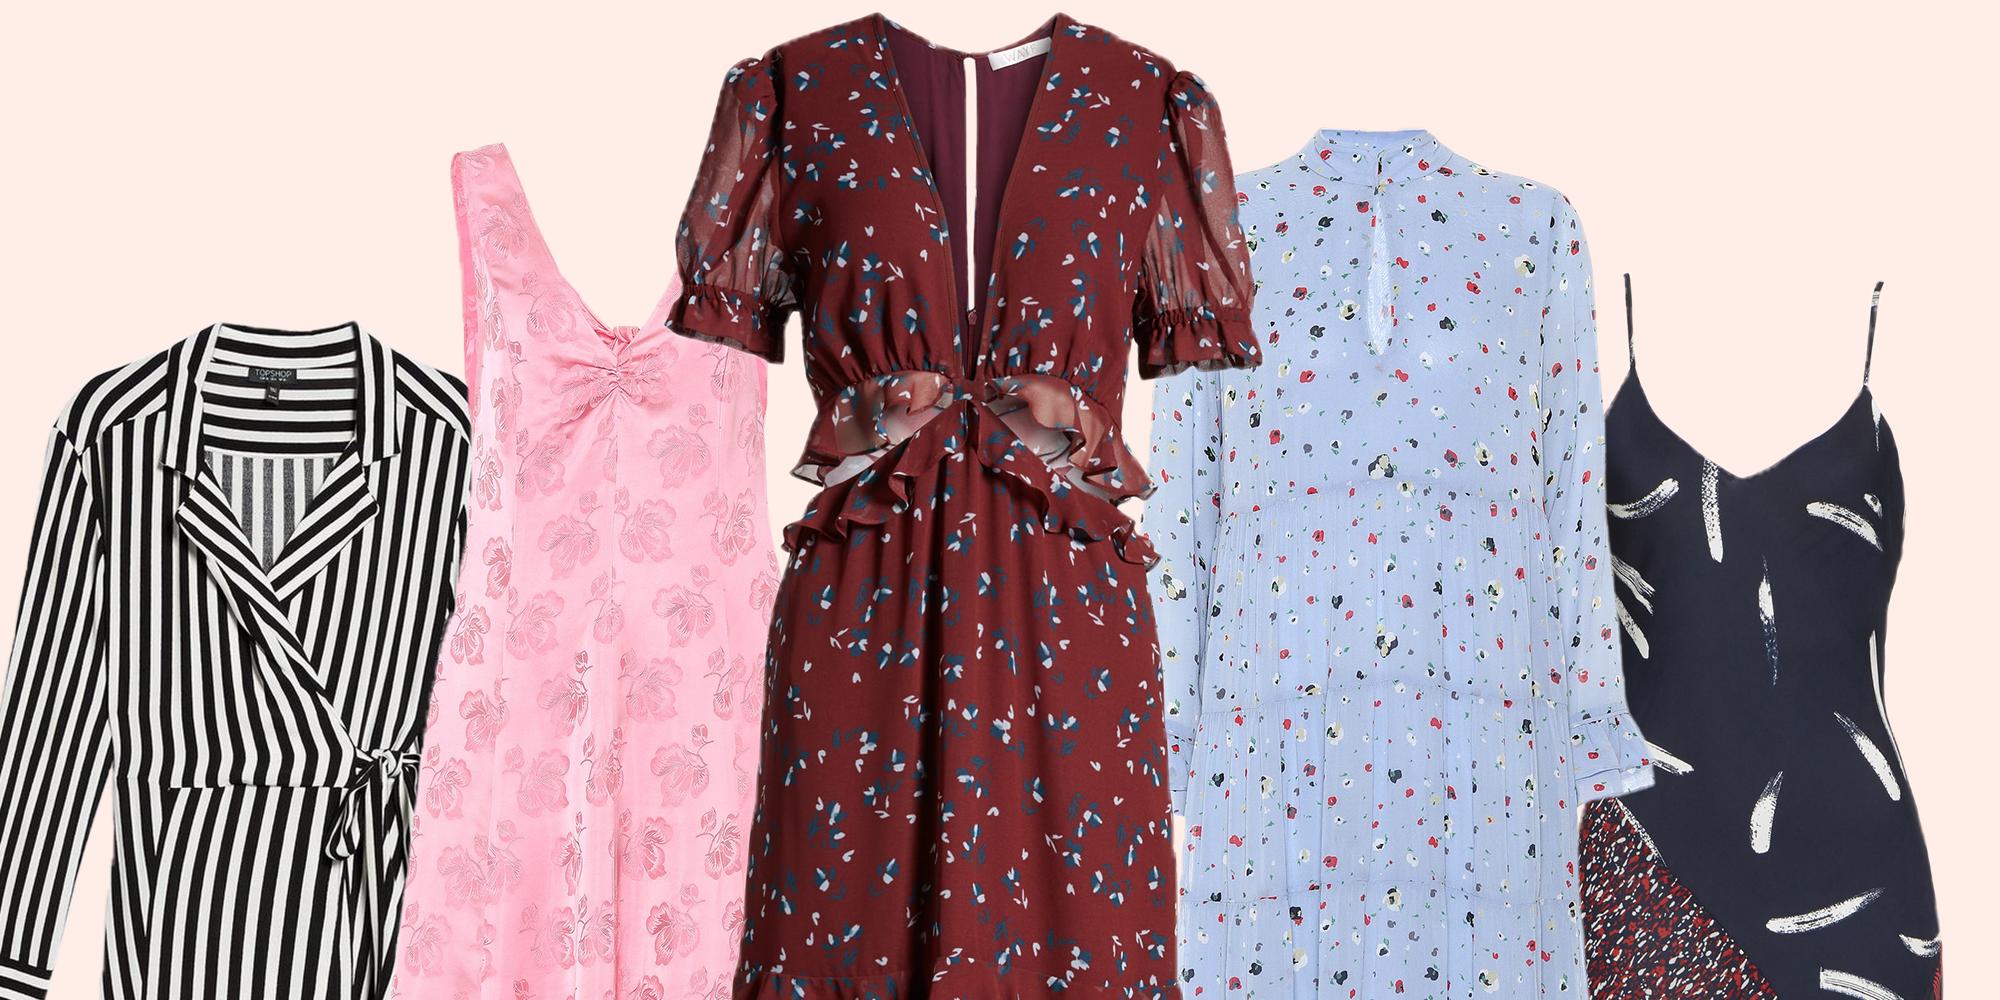 fc5e59fa33 Fall Maxi Dress - Best Maxi Dresses for Fall